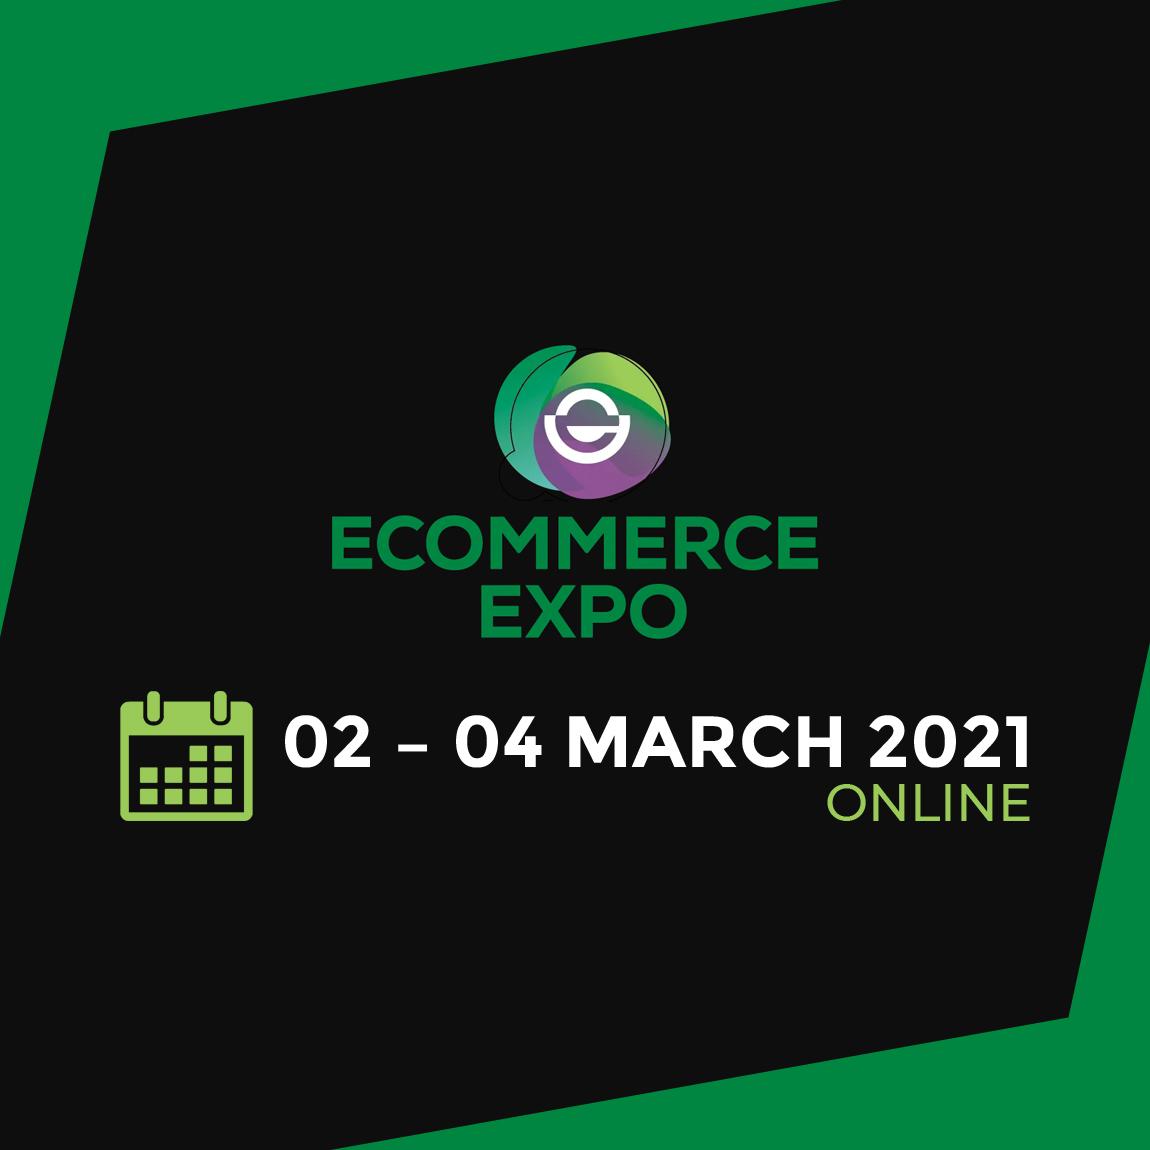 Ecommerce Expo UK: Virtual